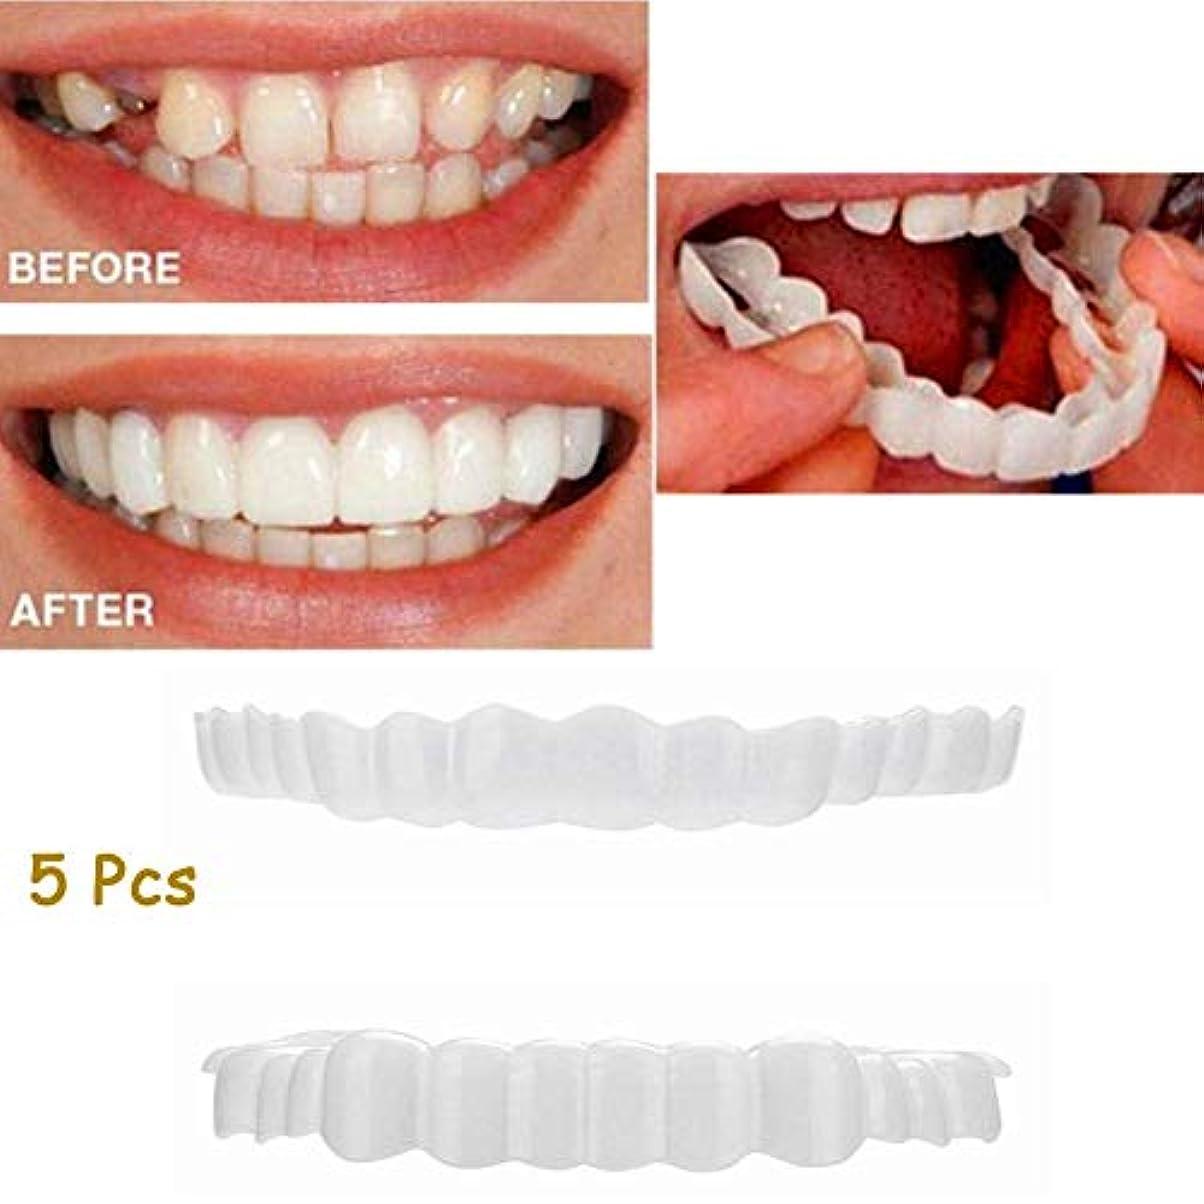 アルファベットたっぷり悪性腫瘍5本の上歯+下歯セット偽の歯を白くする完璧な化粧品の歯